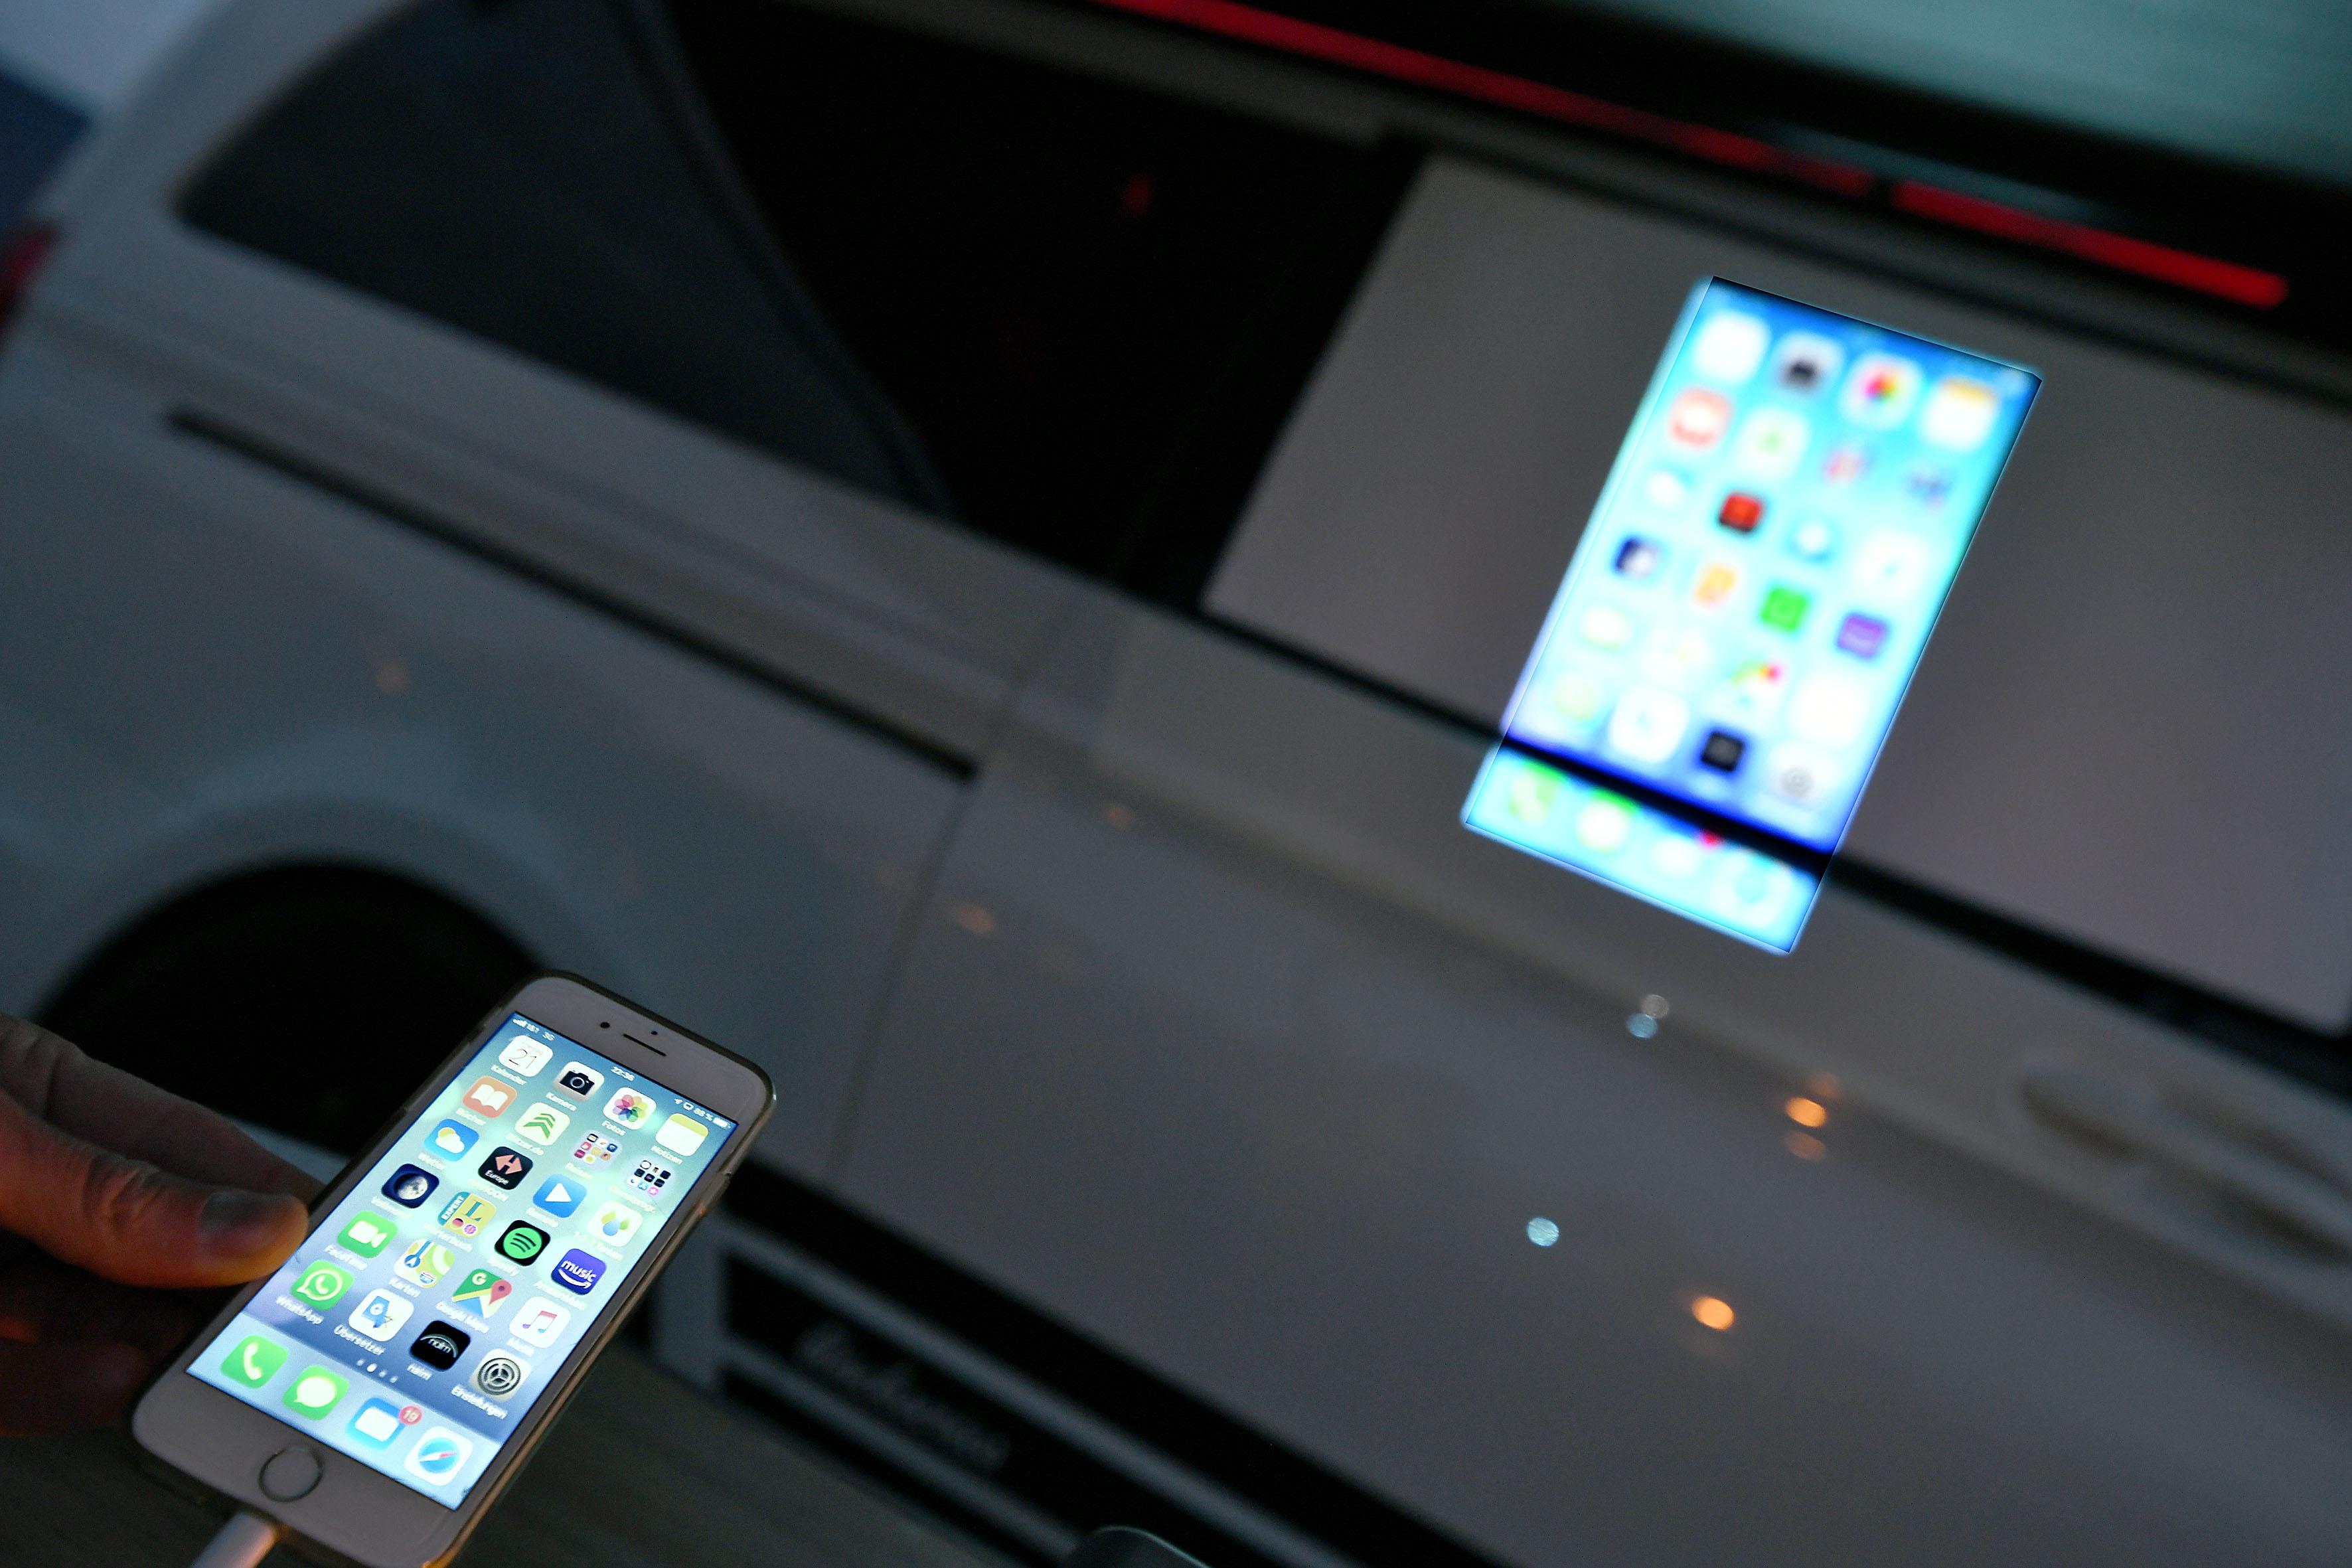 Foto: Michael B. Rehders Wird der Viewsonic M1+ via HDMI- oder USB-C-Kabel ans iPhone angeschlossen, wird alles projiziert, das auf dem Display des Smartphones abgebildet ist. Leichter und komfortabler geht es einfach nicht.